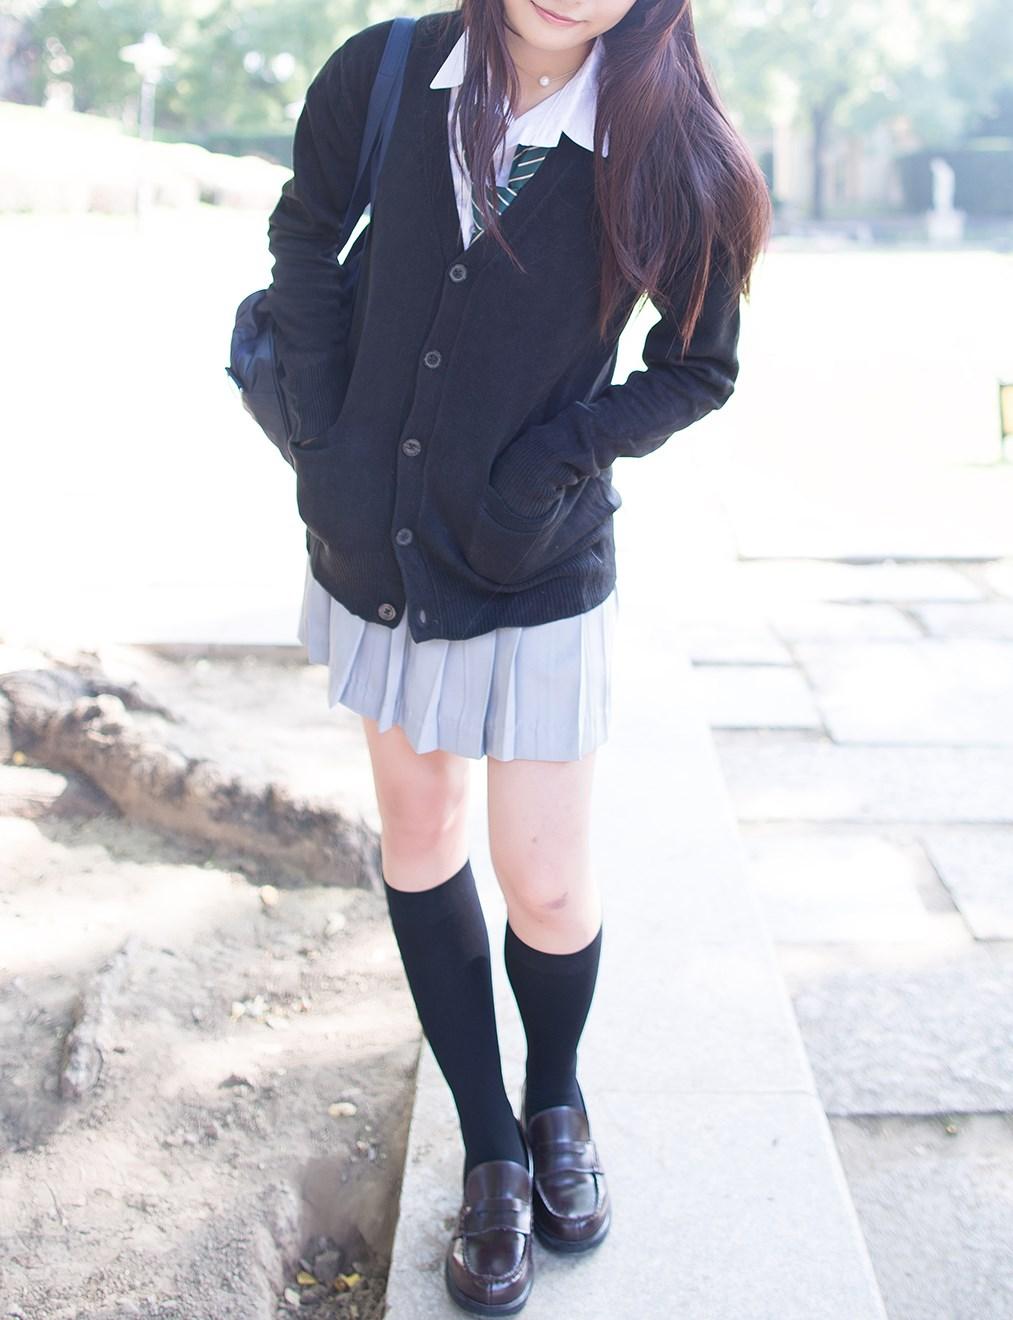 【兔玩映画】JK制服-涉谷凛 兔玩映画 第14张